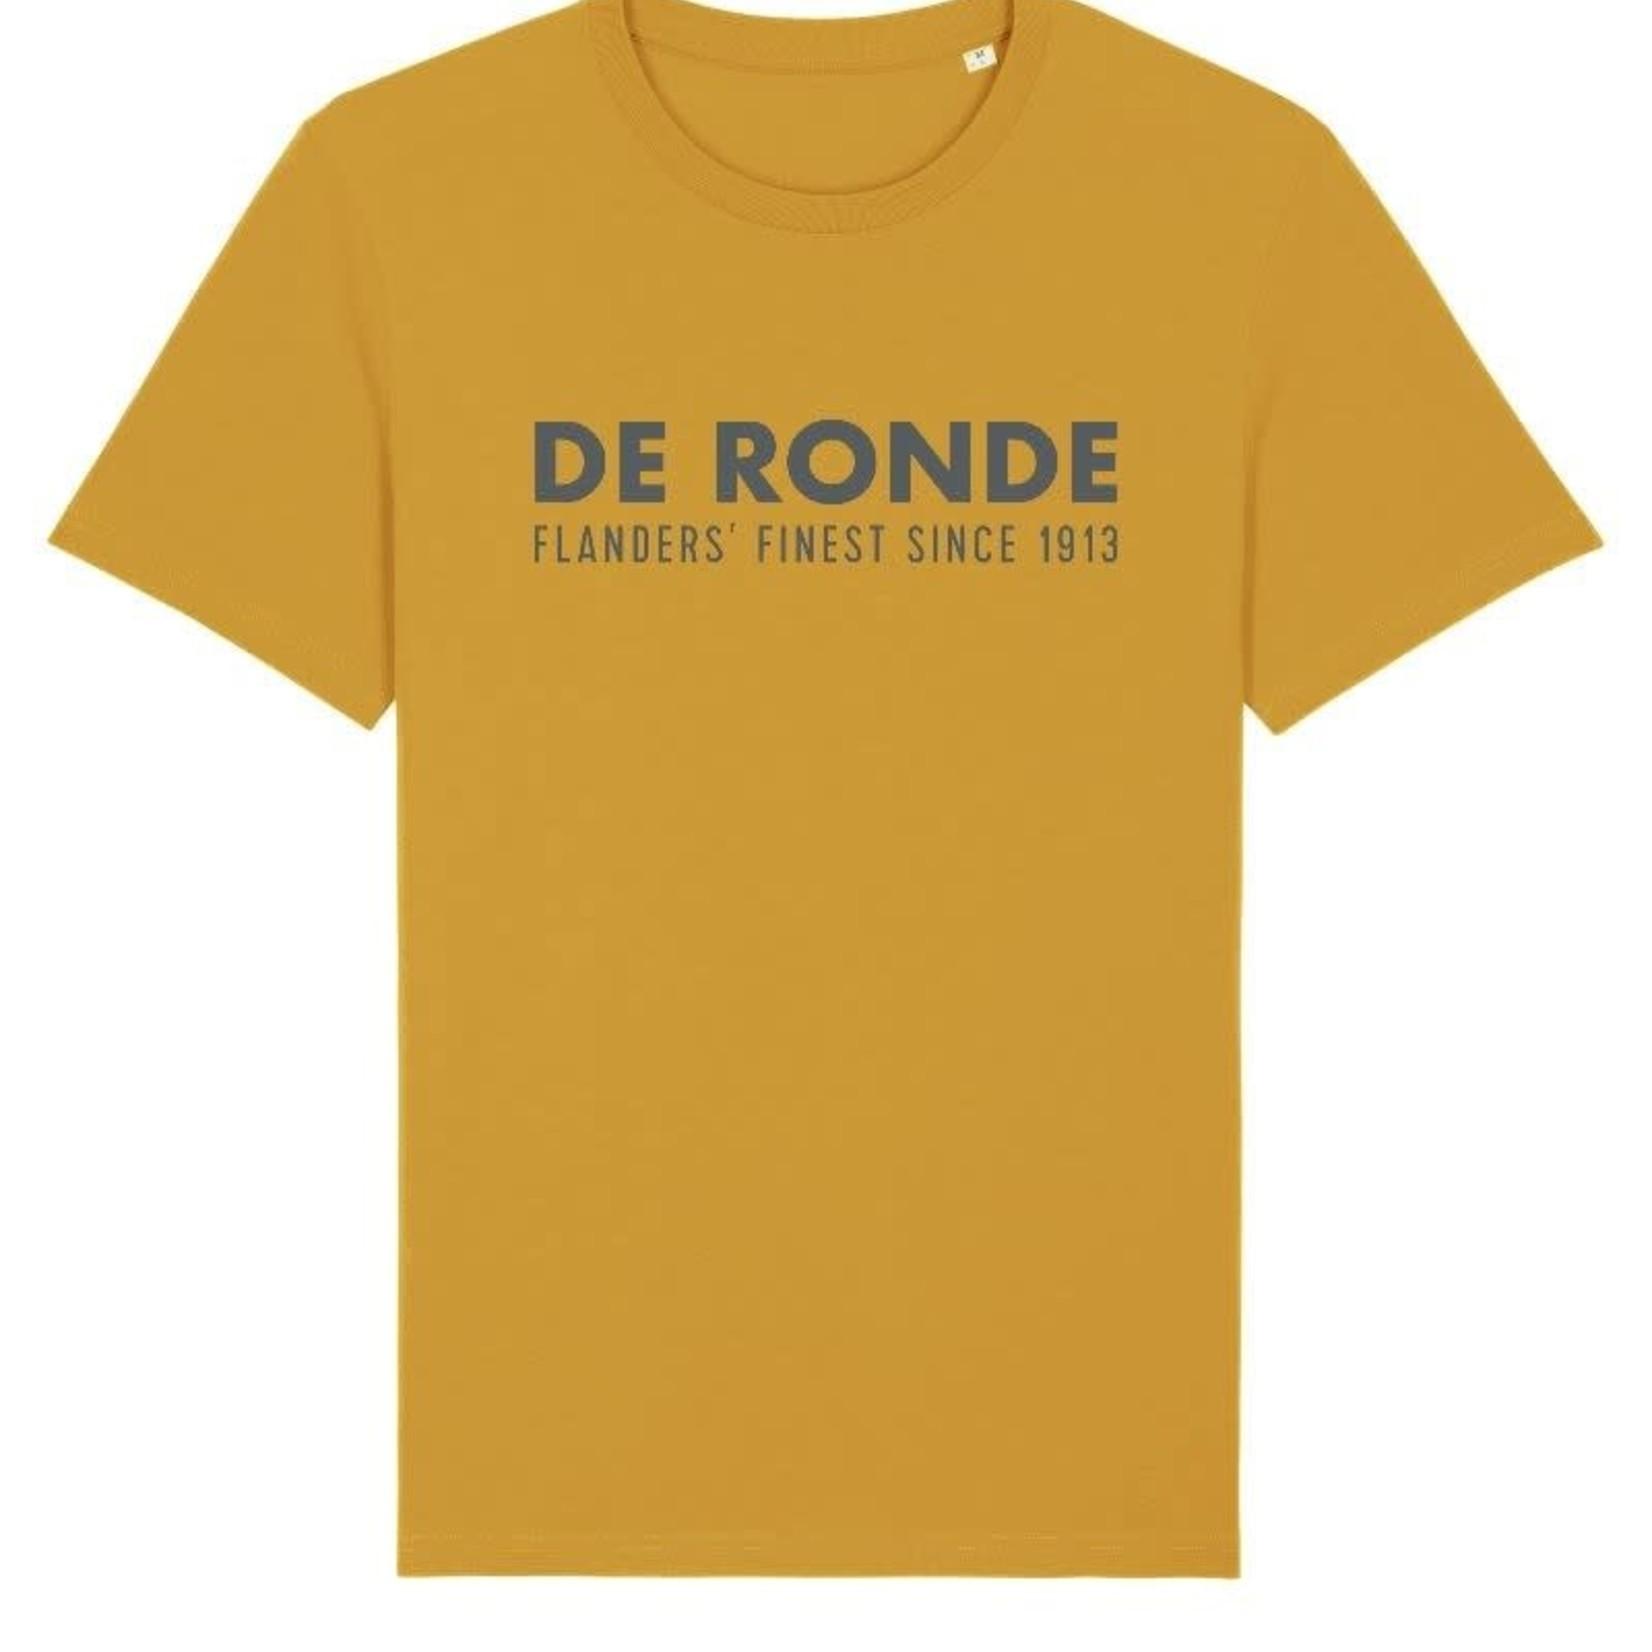 T-shirt 'De Ronde' mosterd